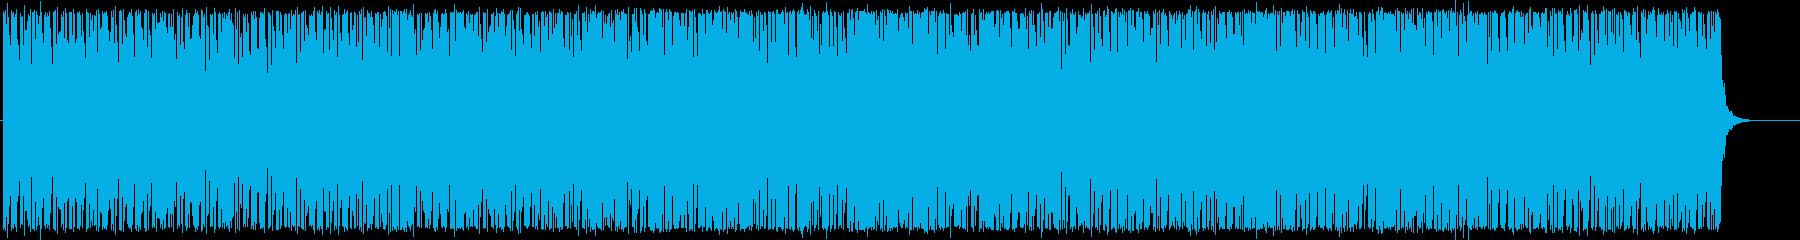 シンセサイザーのリズミカルなポップの再生済みの波形